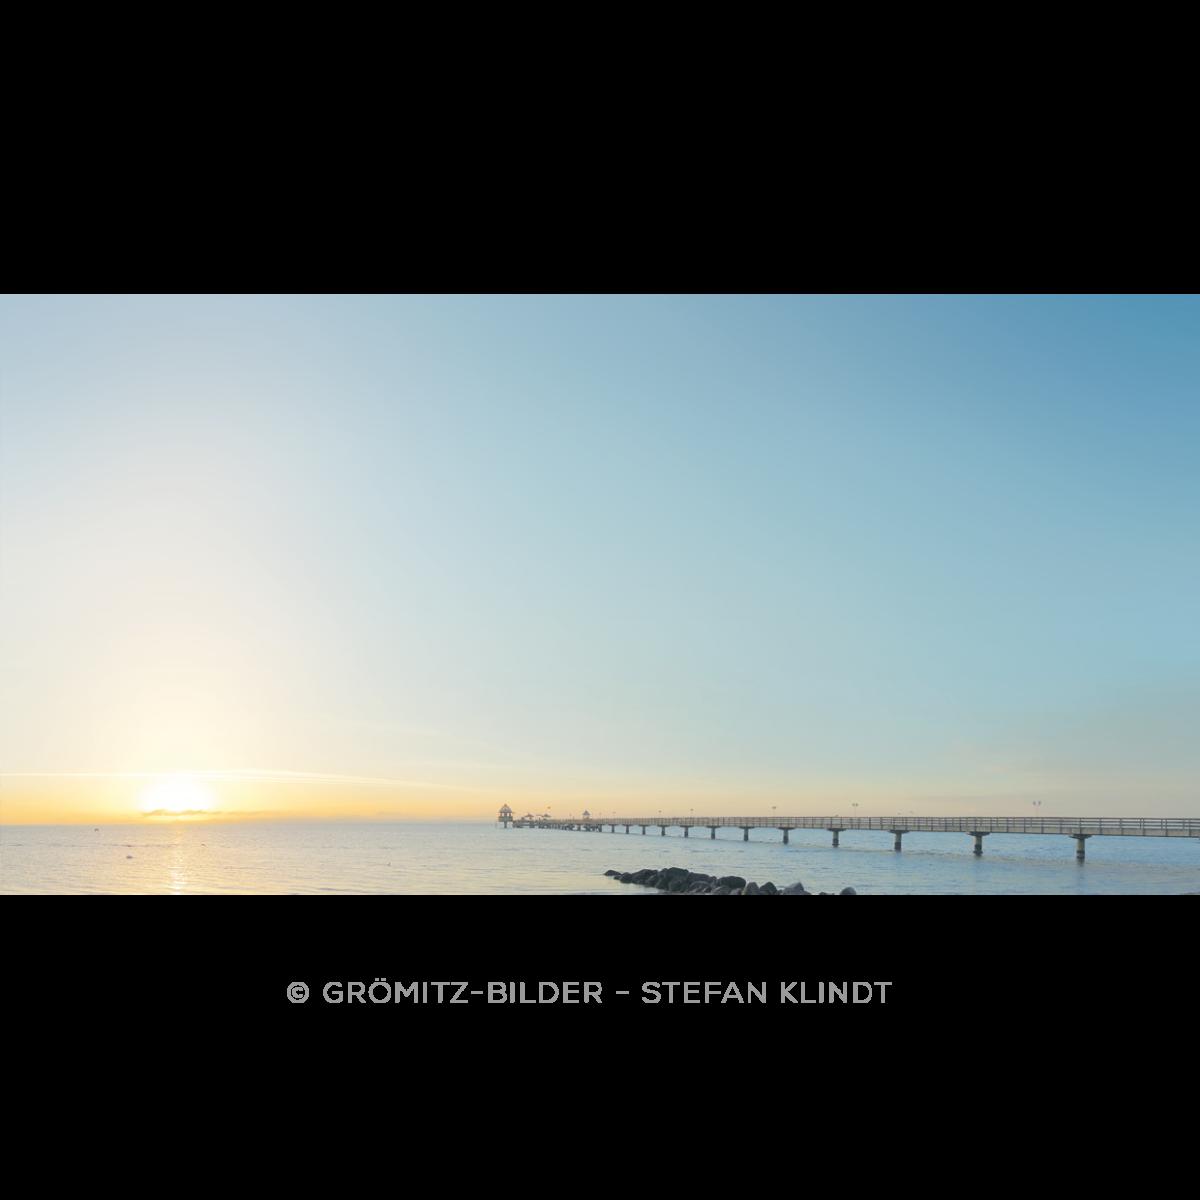 014 Grömitz Bilder Seebrücke im Morgenlicht